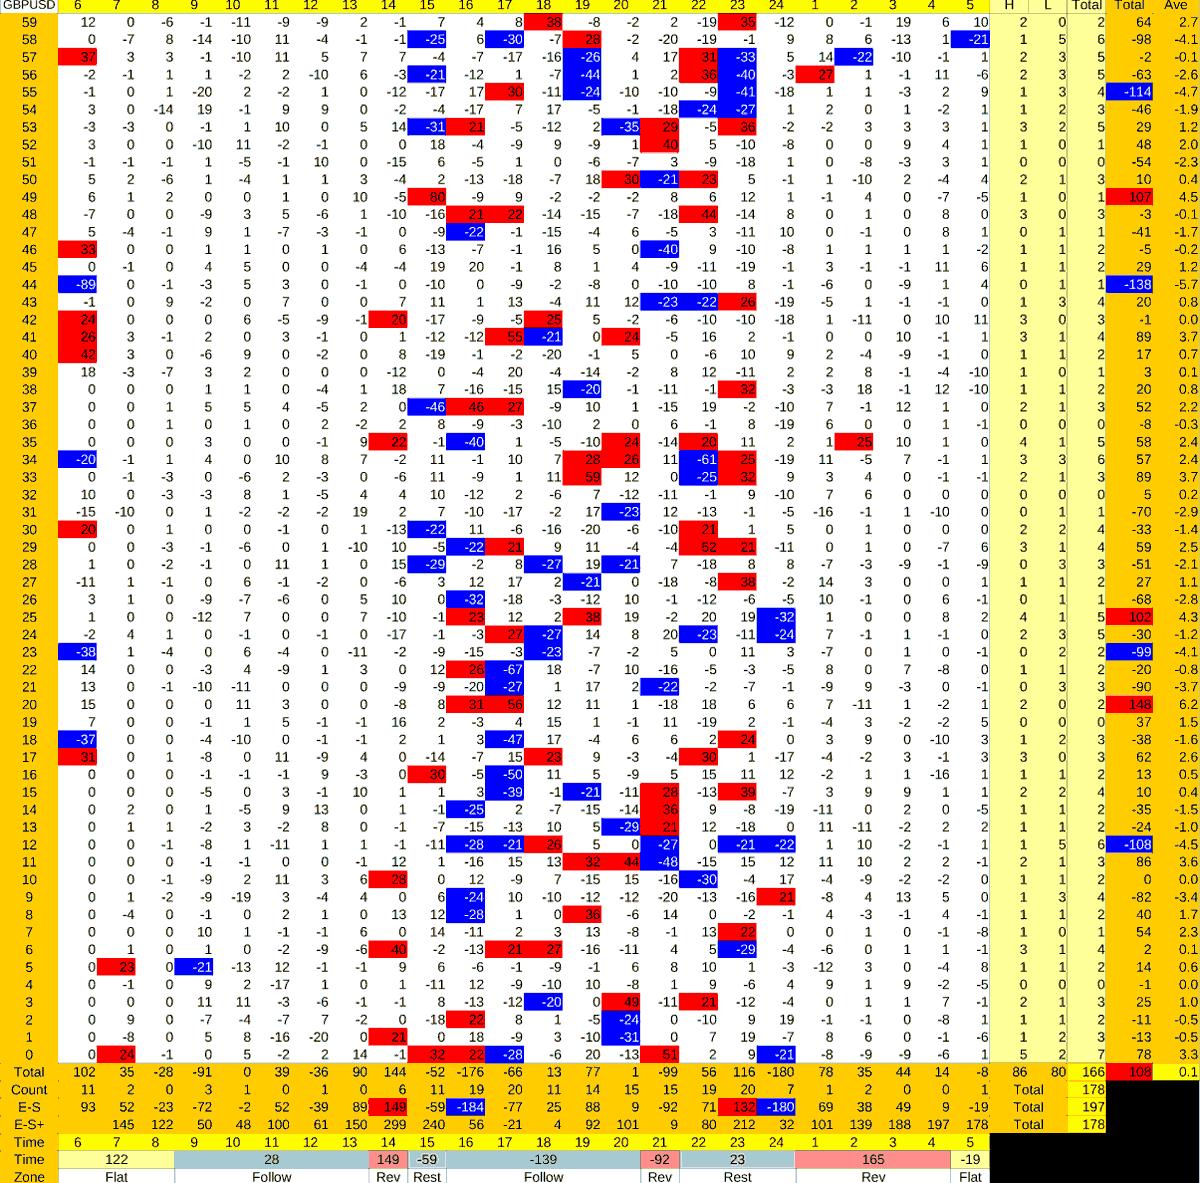 20210824_HS(2)GBPUSD